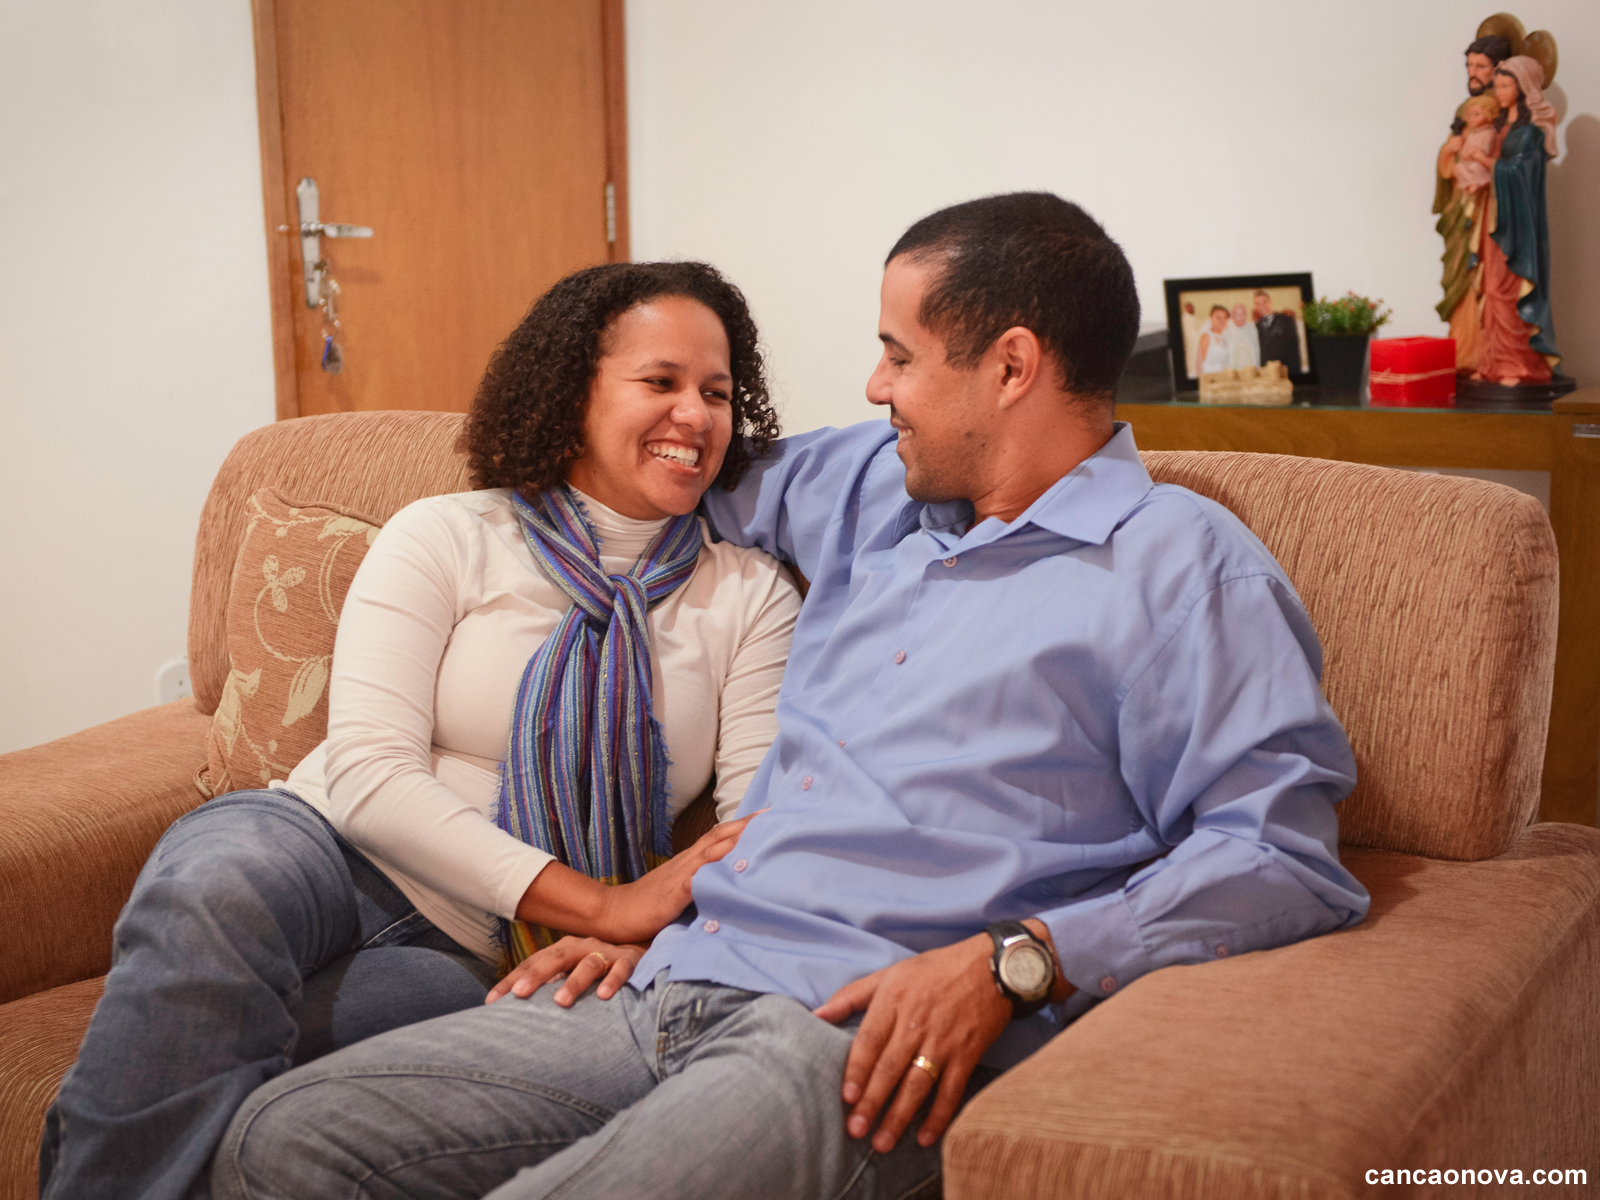 Casais, aprendam e conheçam a importância do diálogo